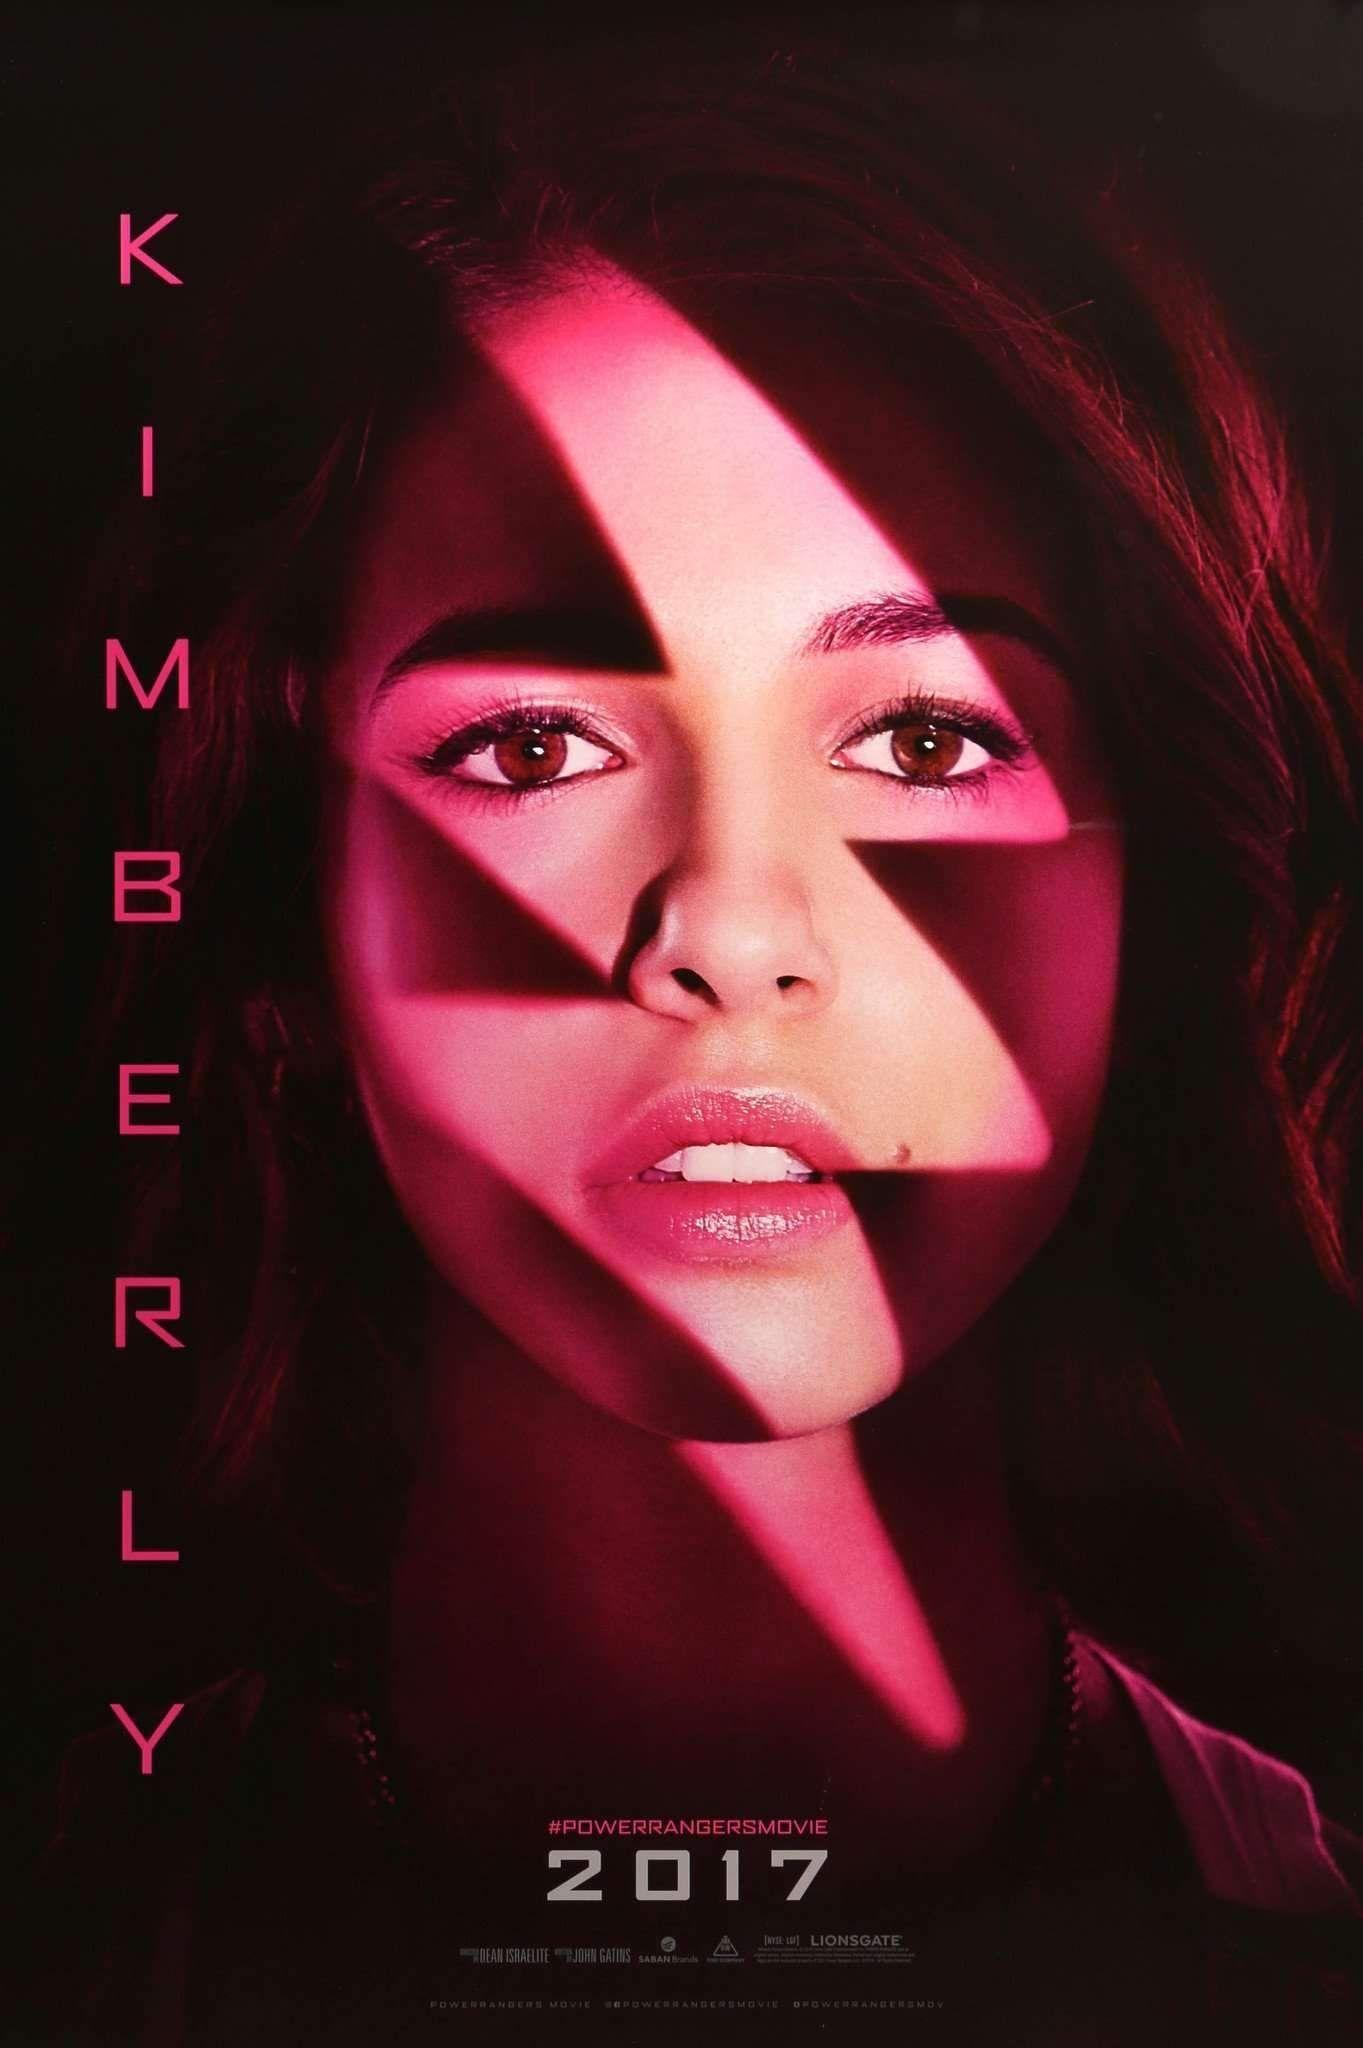 Naomi trong vai Kimberly (siêu nhân hồng) của Power Rangers.